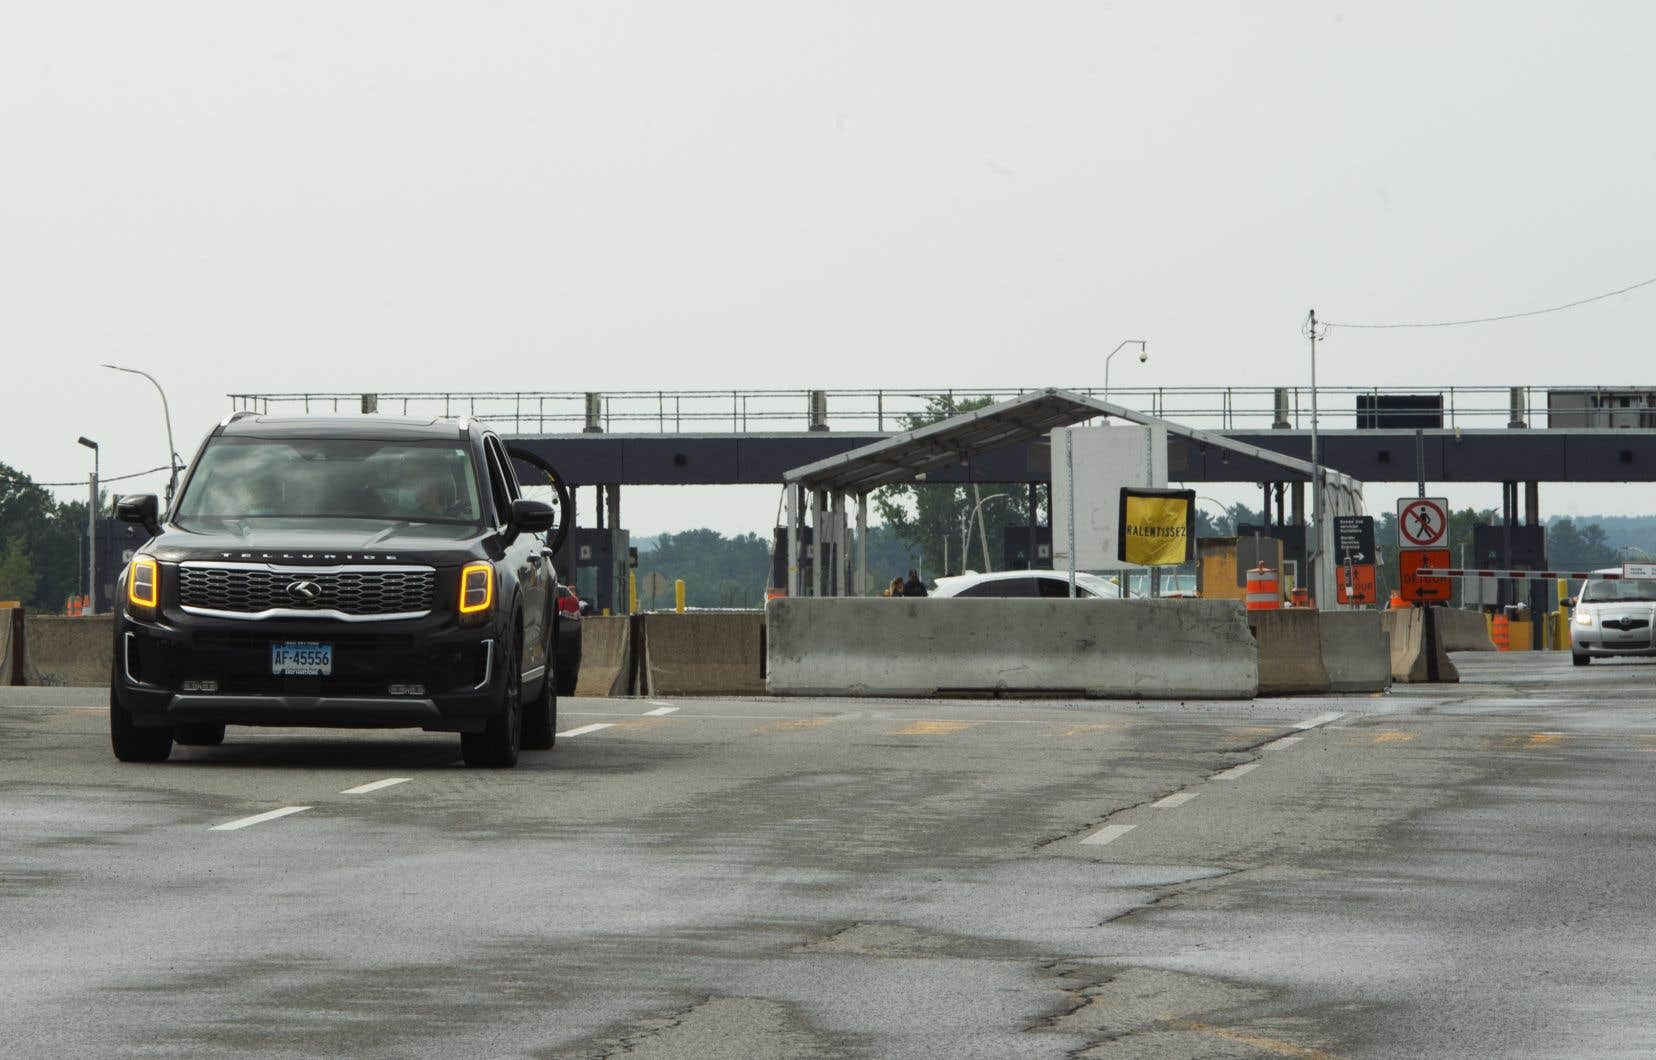 Lundi, la circulation routière aux abords des postes frontaliers rouverts était normale, selon Marie-Ève Letellier, porte-parole de l'Agence des services frontaliers du Canada. «Il y a une petite hausse de volume, mais rien d'un impact majeur qui cause des temps d'attente à la frontière.»